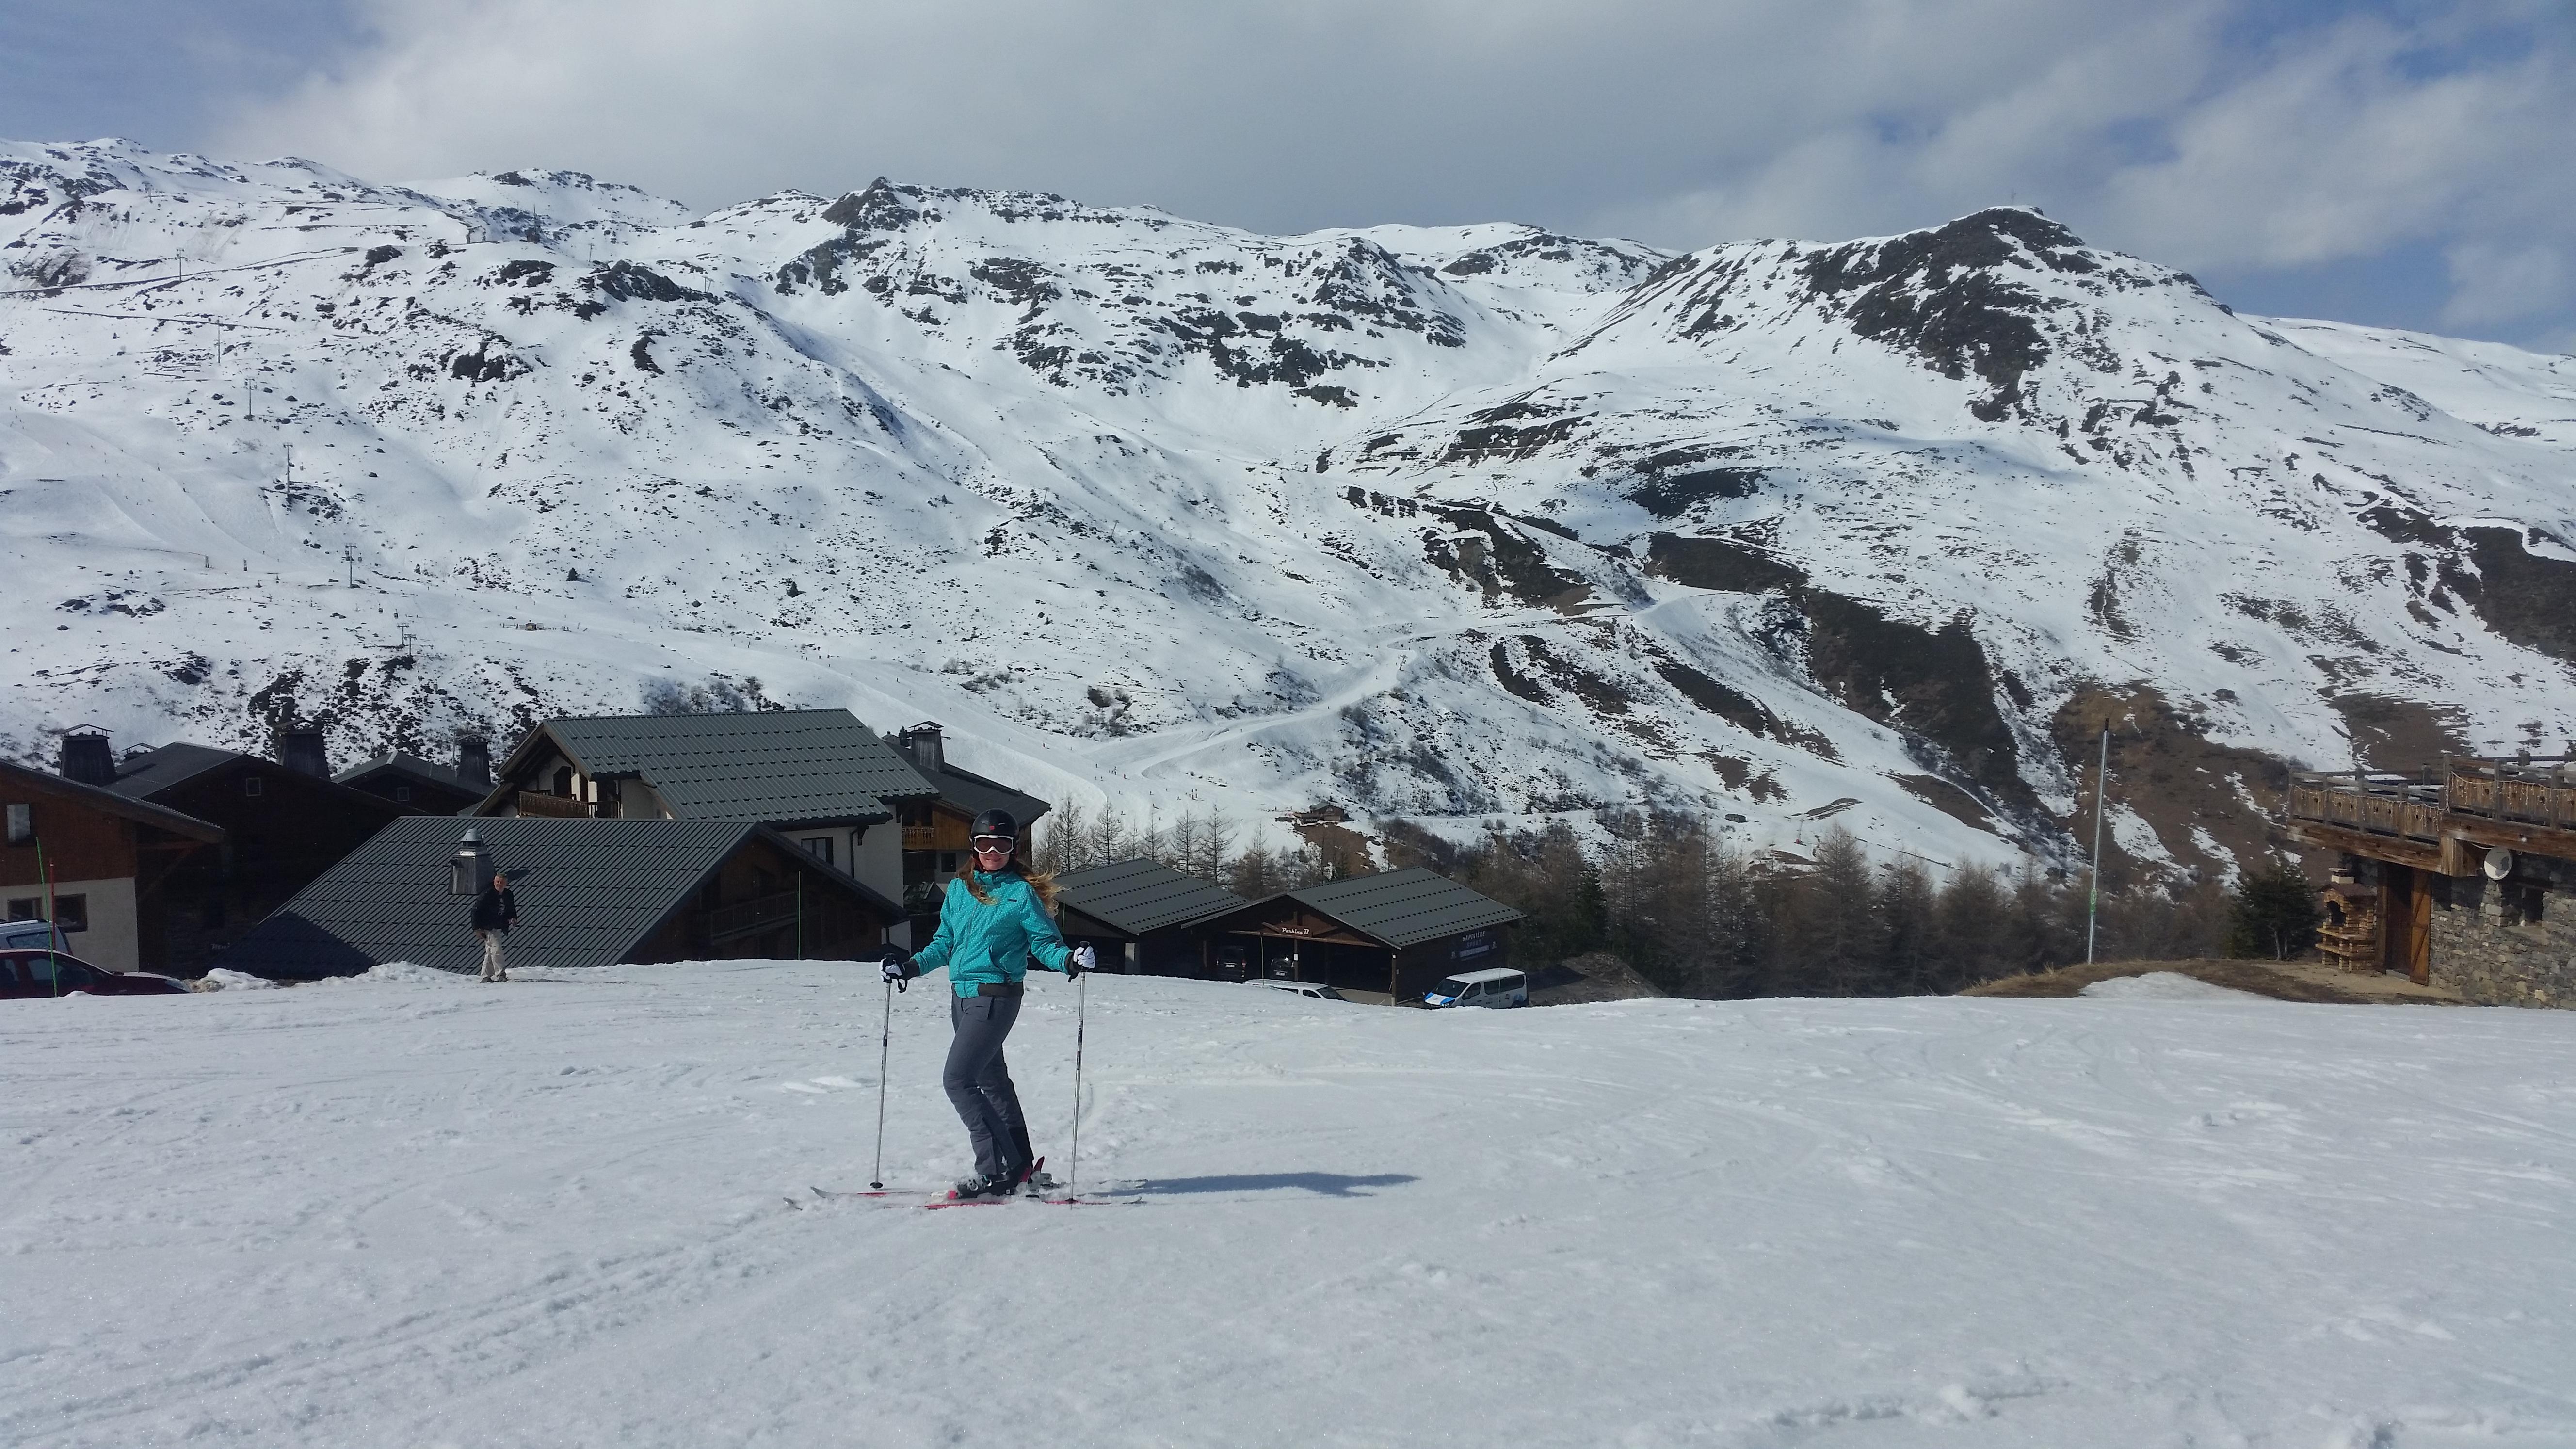 Terug op de latten: als volwassene leren skiën